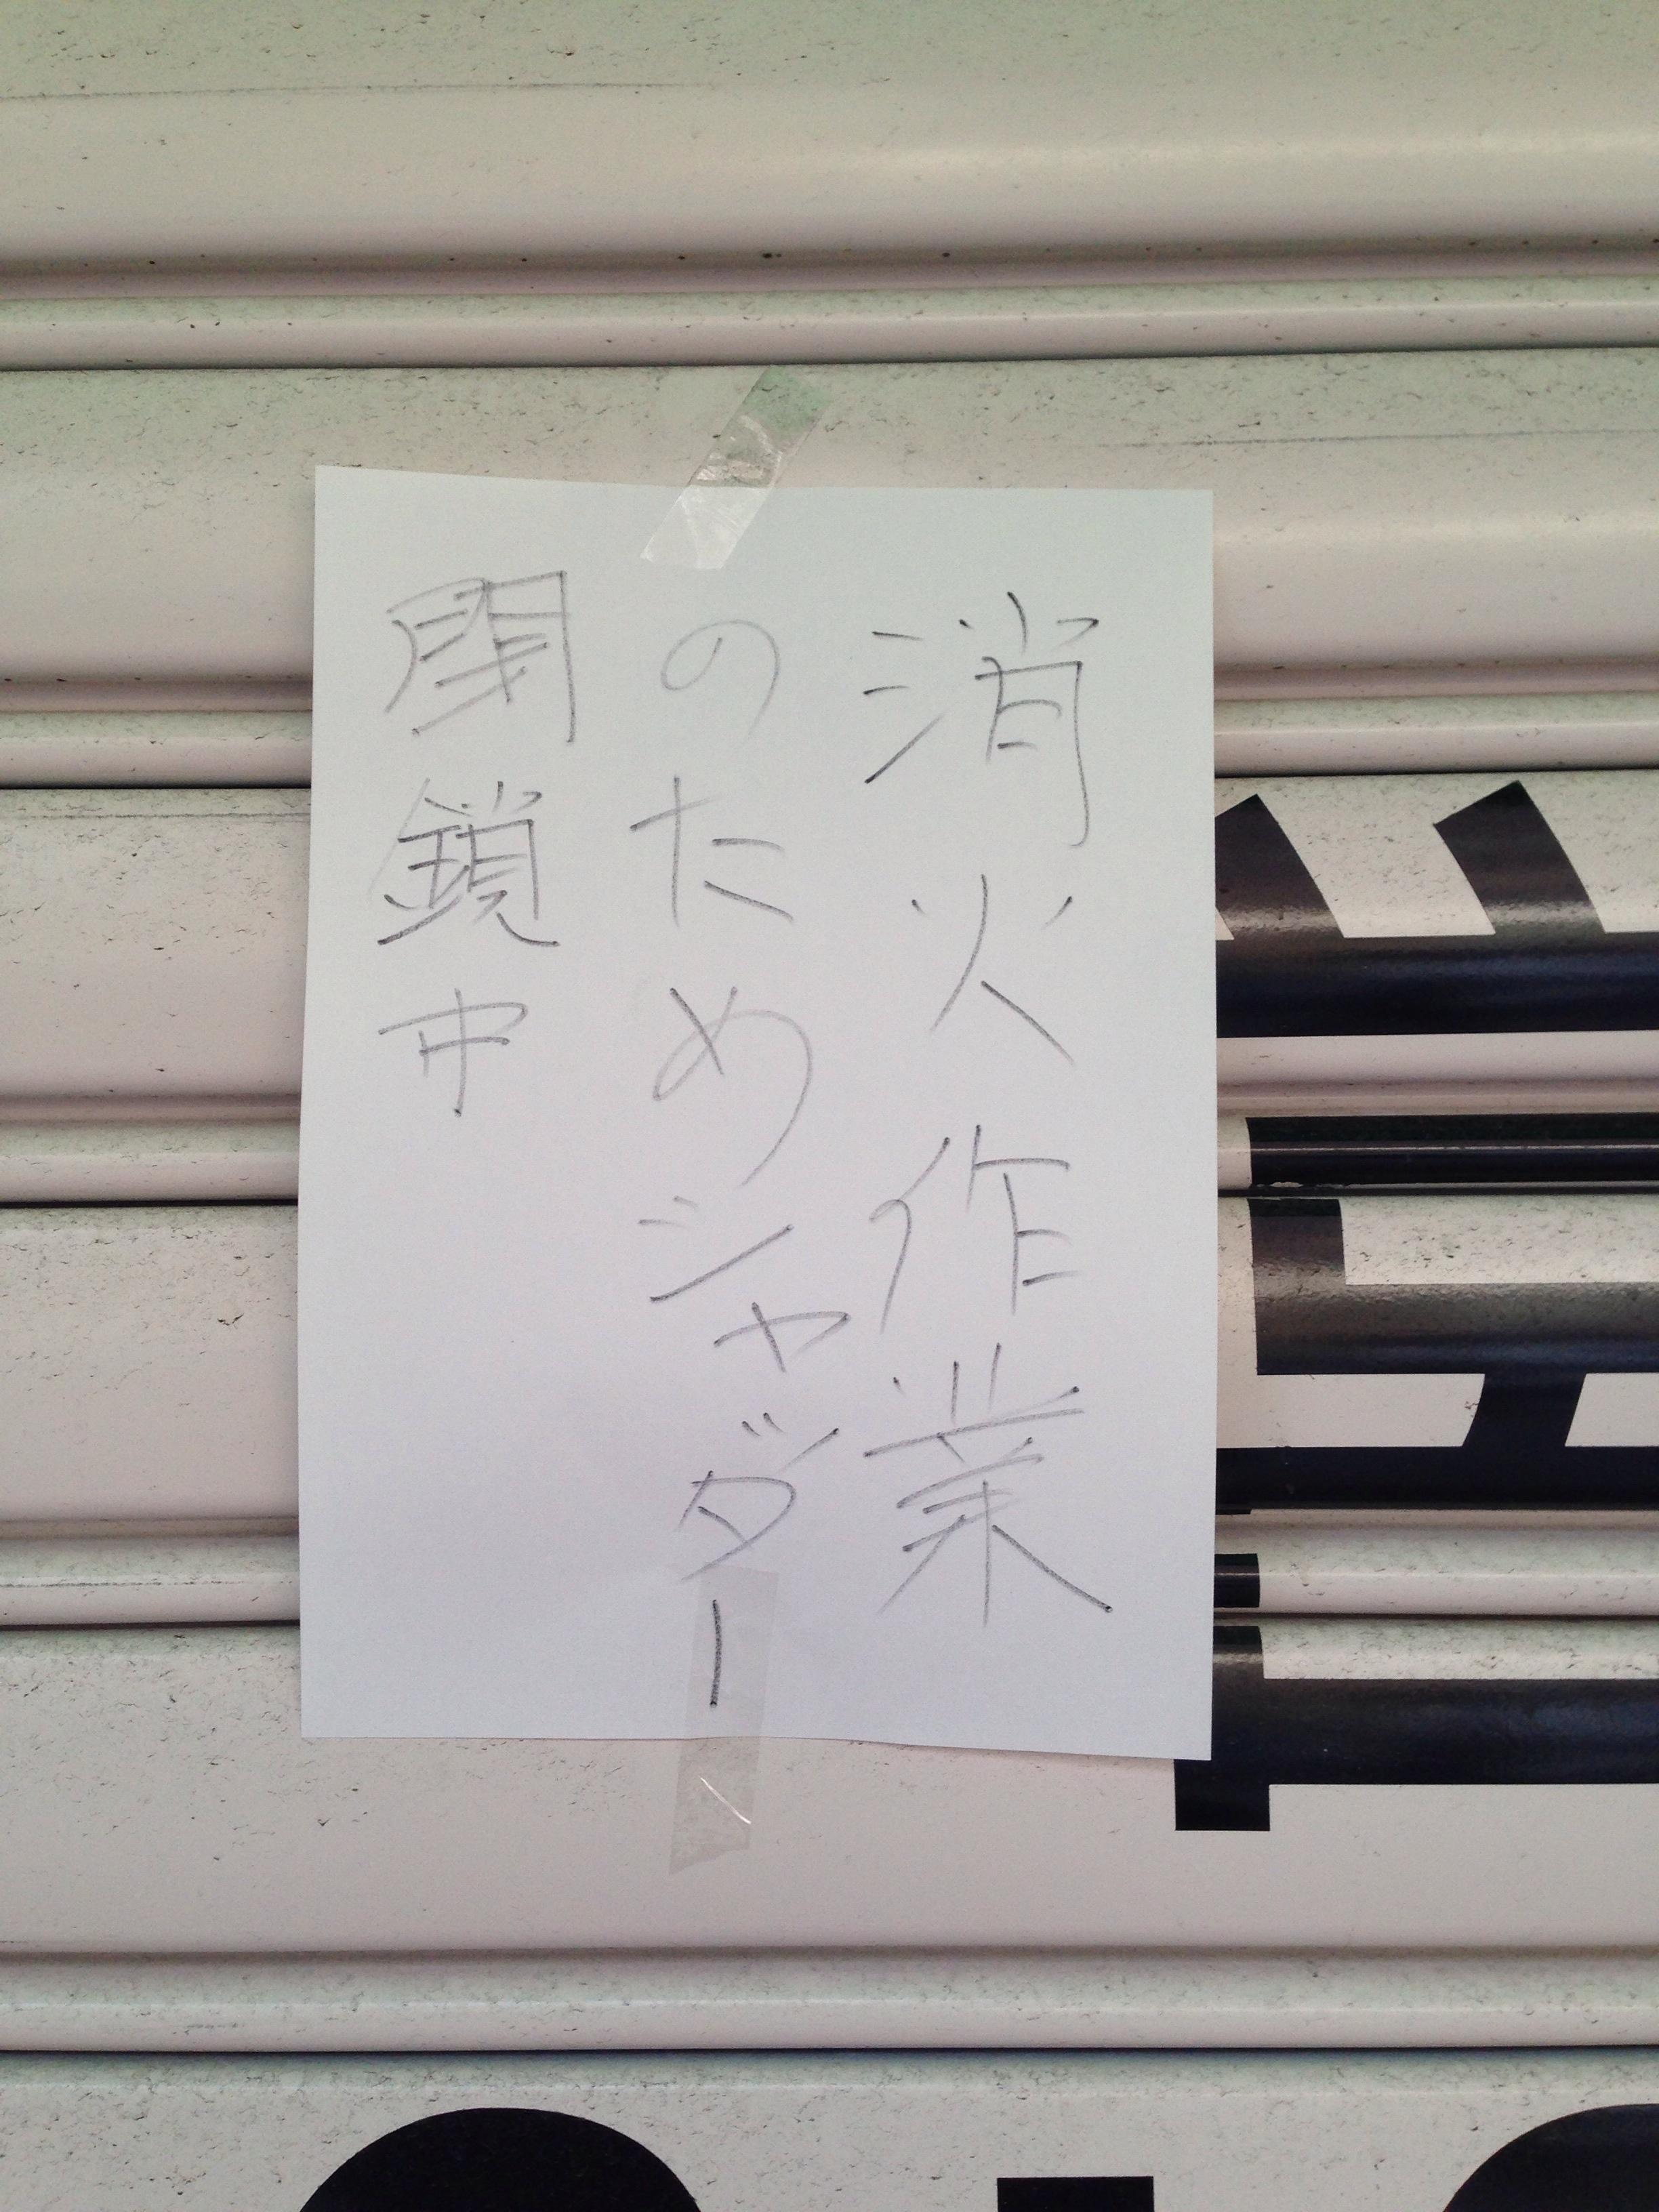 """火災で新幹線運転見合わせ、各地の停車駅で大パニックに""""有楽町駅近くのパチンコ店から出火、沿建物四棟が延焼中"""" domestic jiken"""